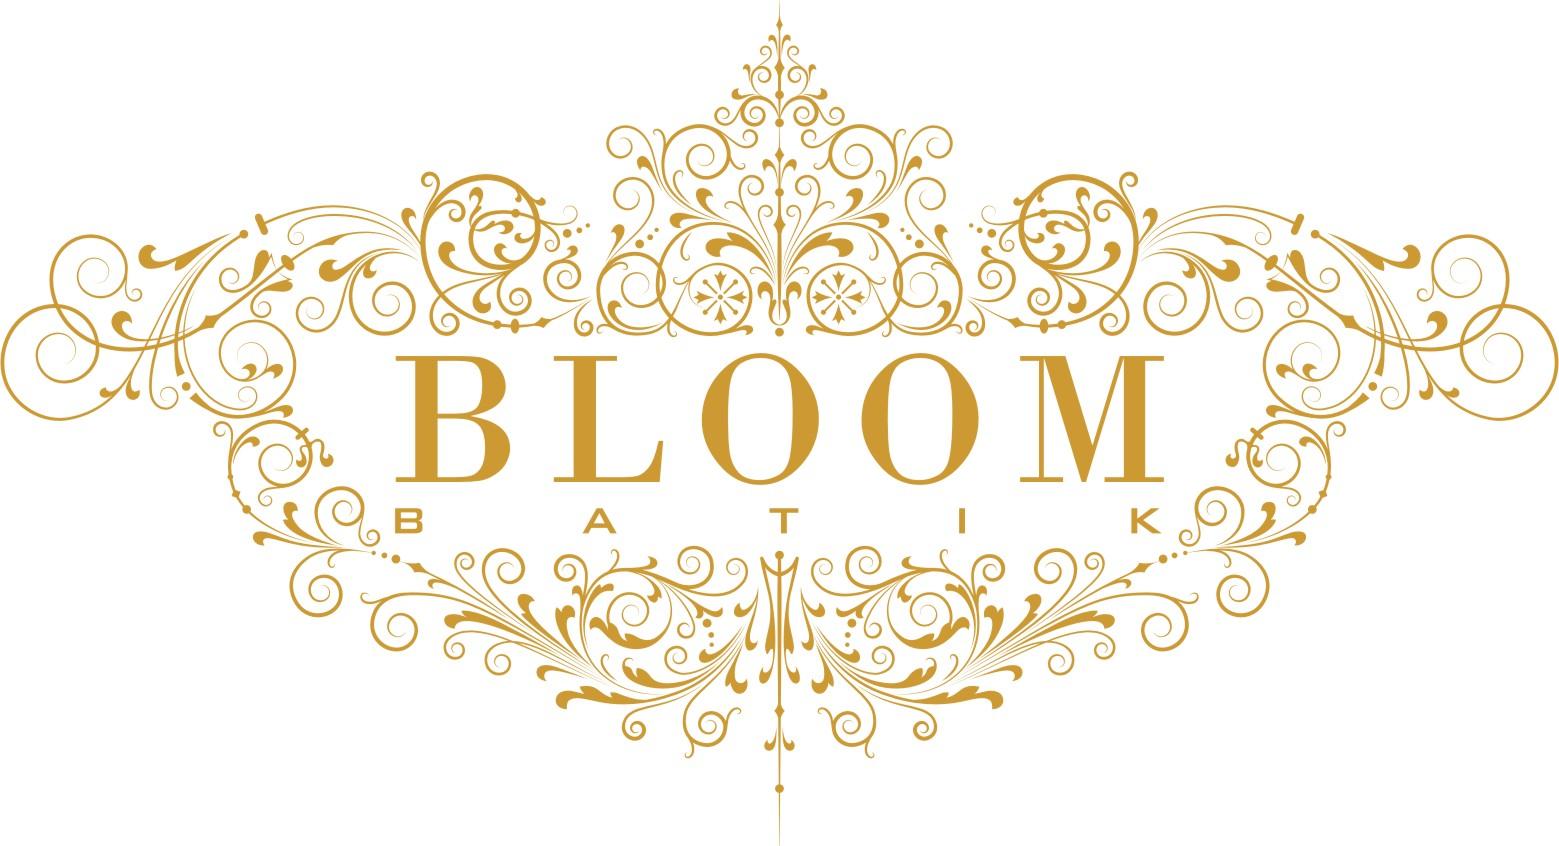 Bloom Batik